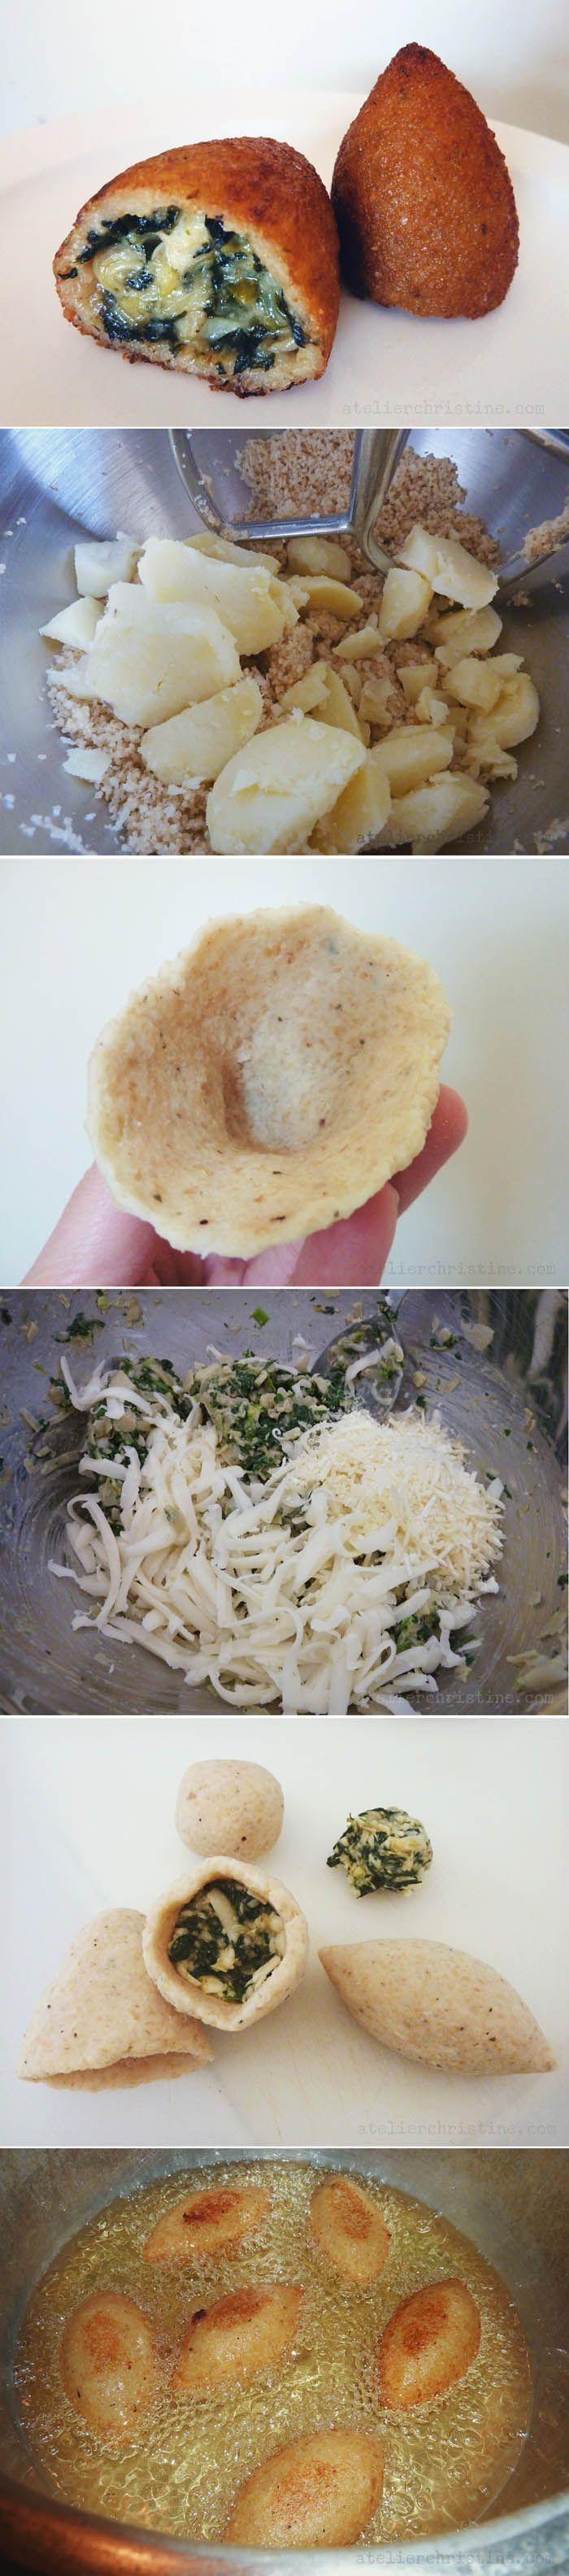 Domuzdan fırında jambon. Evde fırında jambon pişirmek nasıl 92